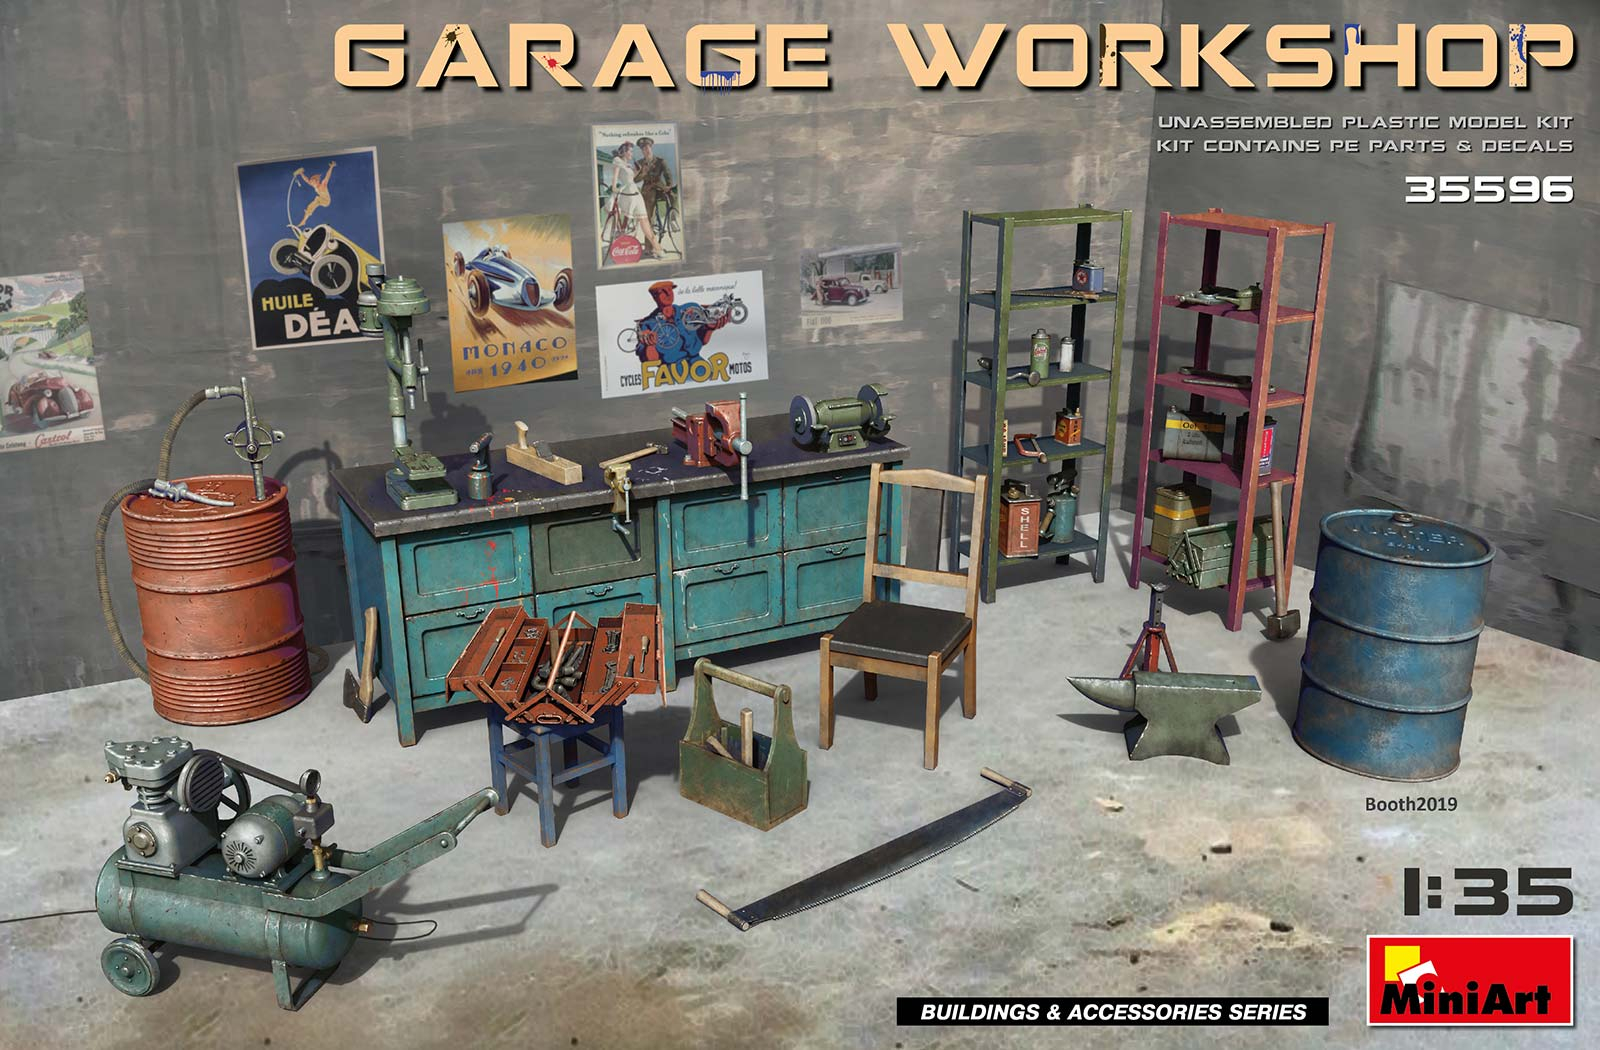 1/35 GARAGE WORKSHOP 35596